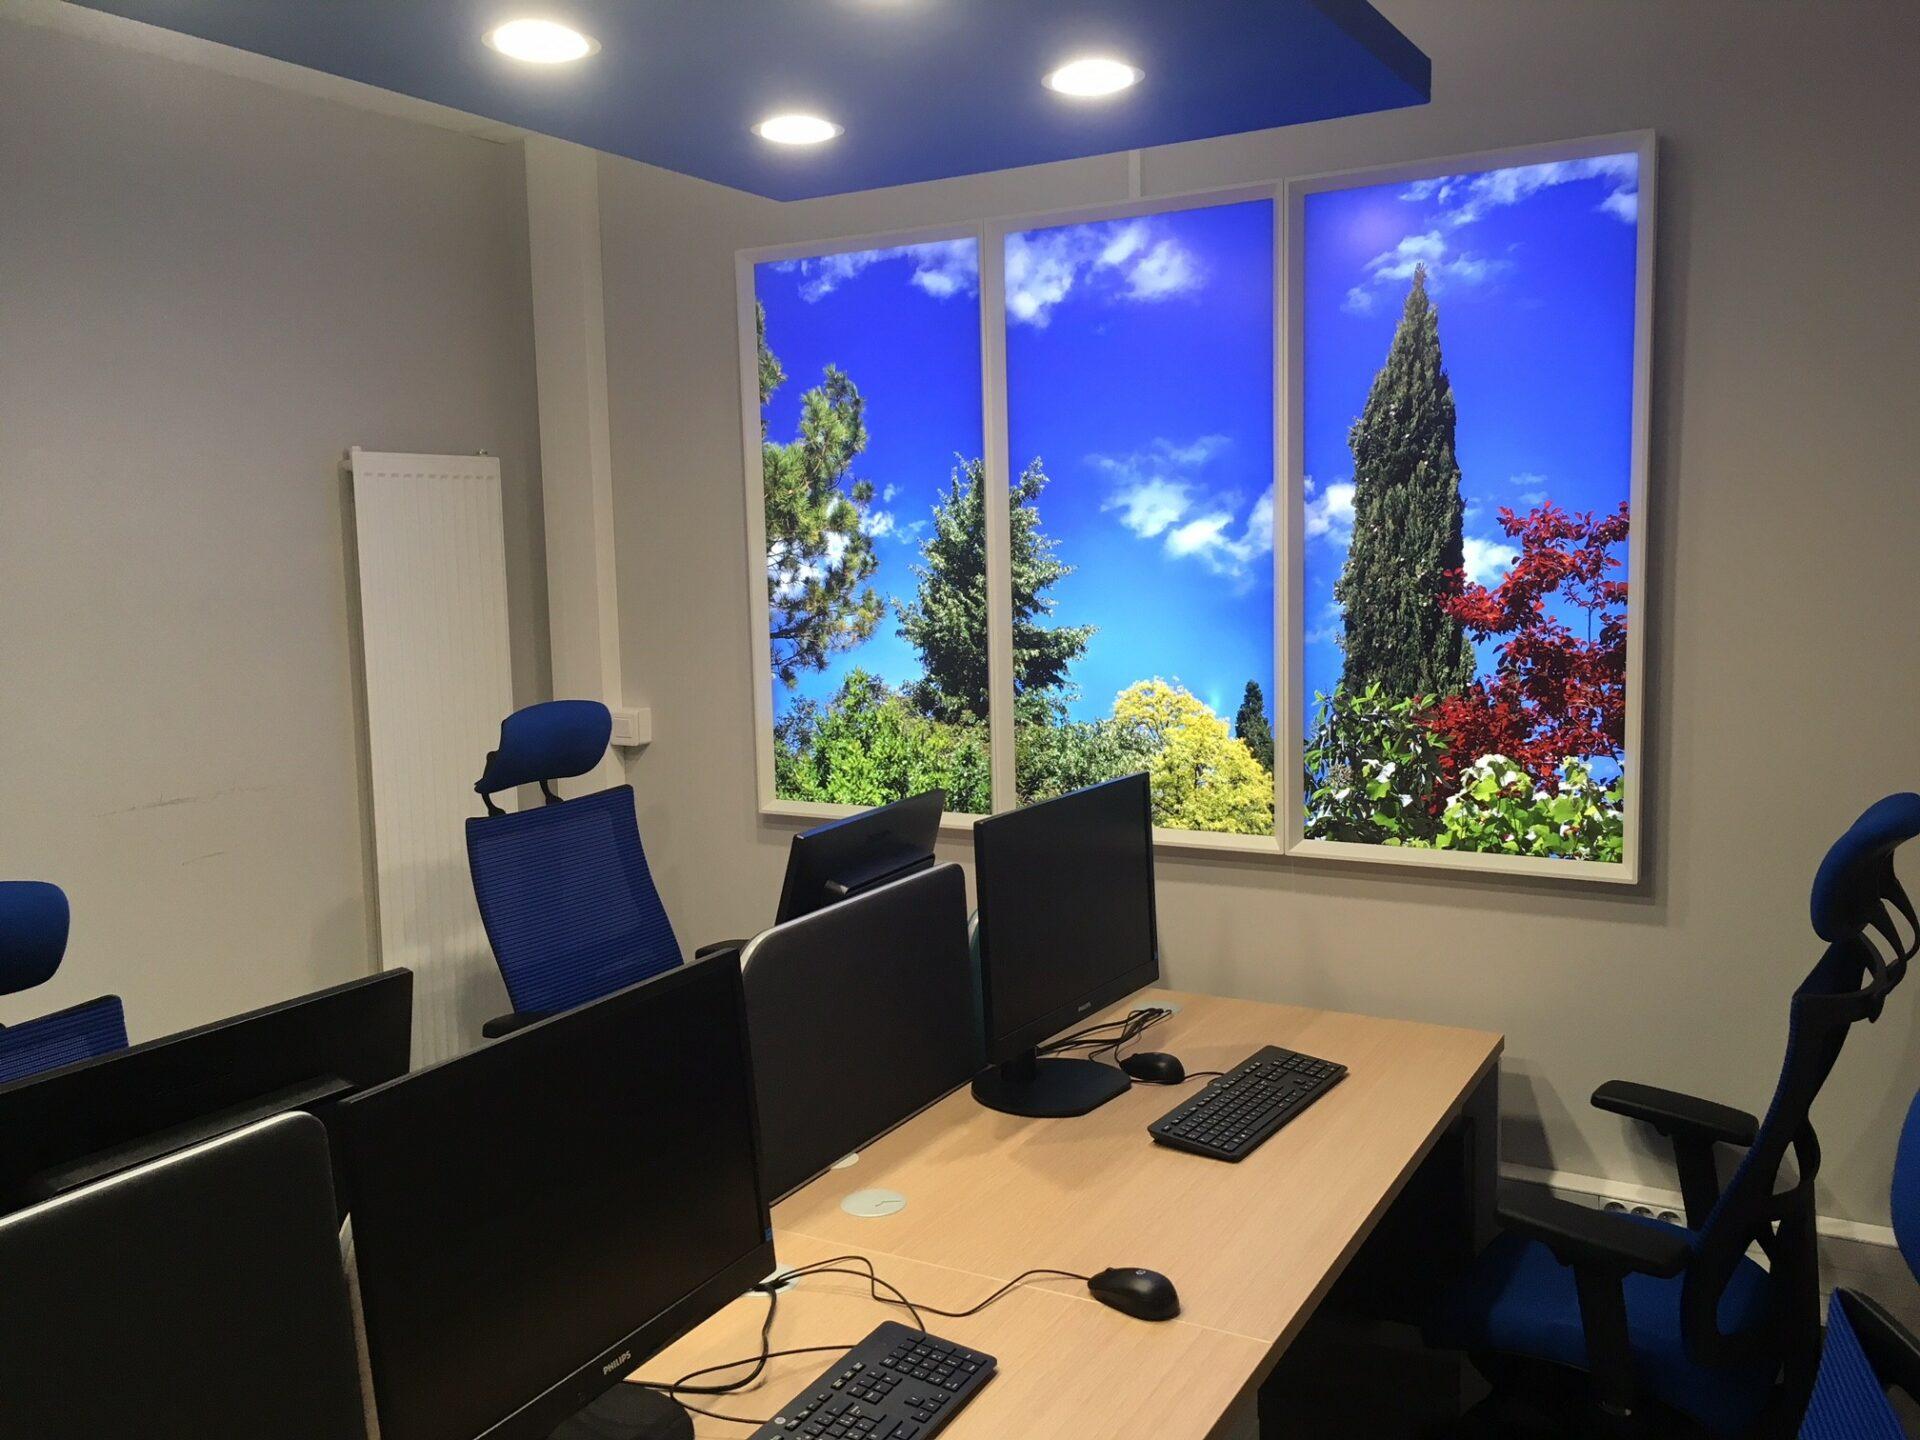 Installation de fenêtres virtuelles led cumulux pour un bureau aveugle de l'hôpital de Villefranche.